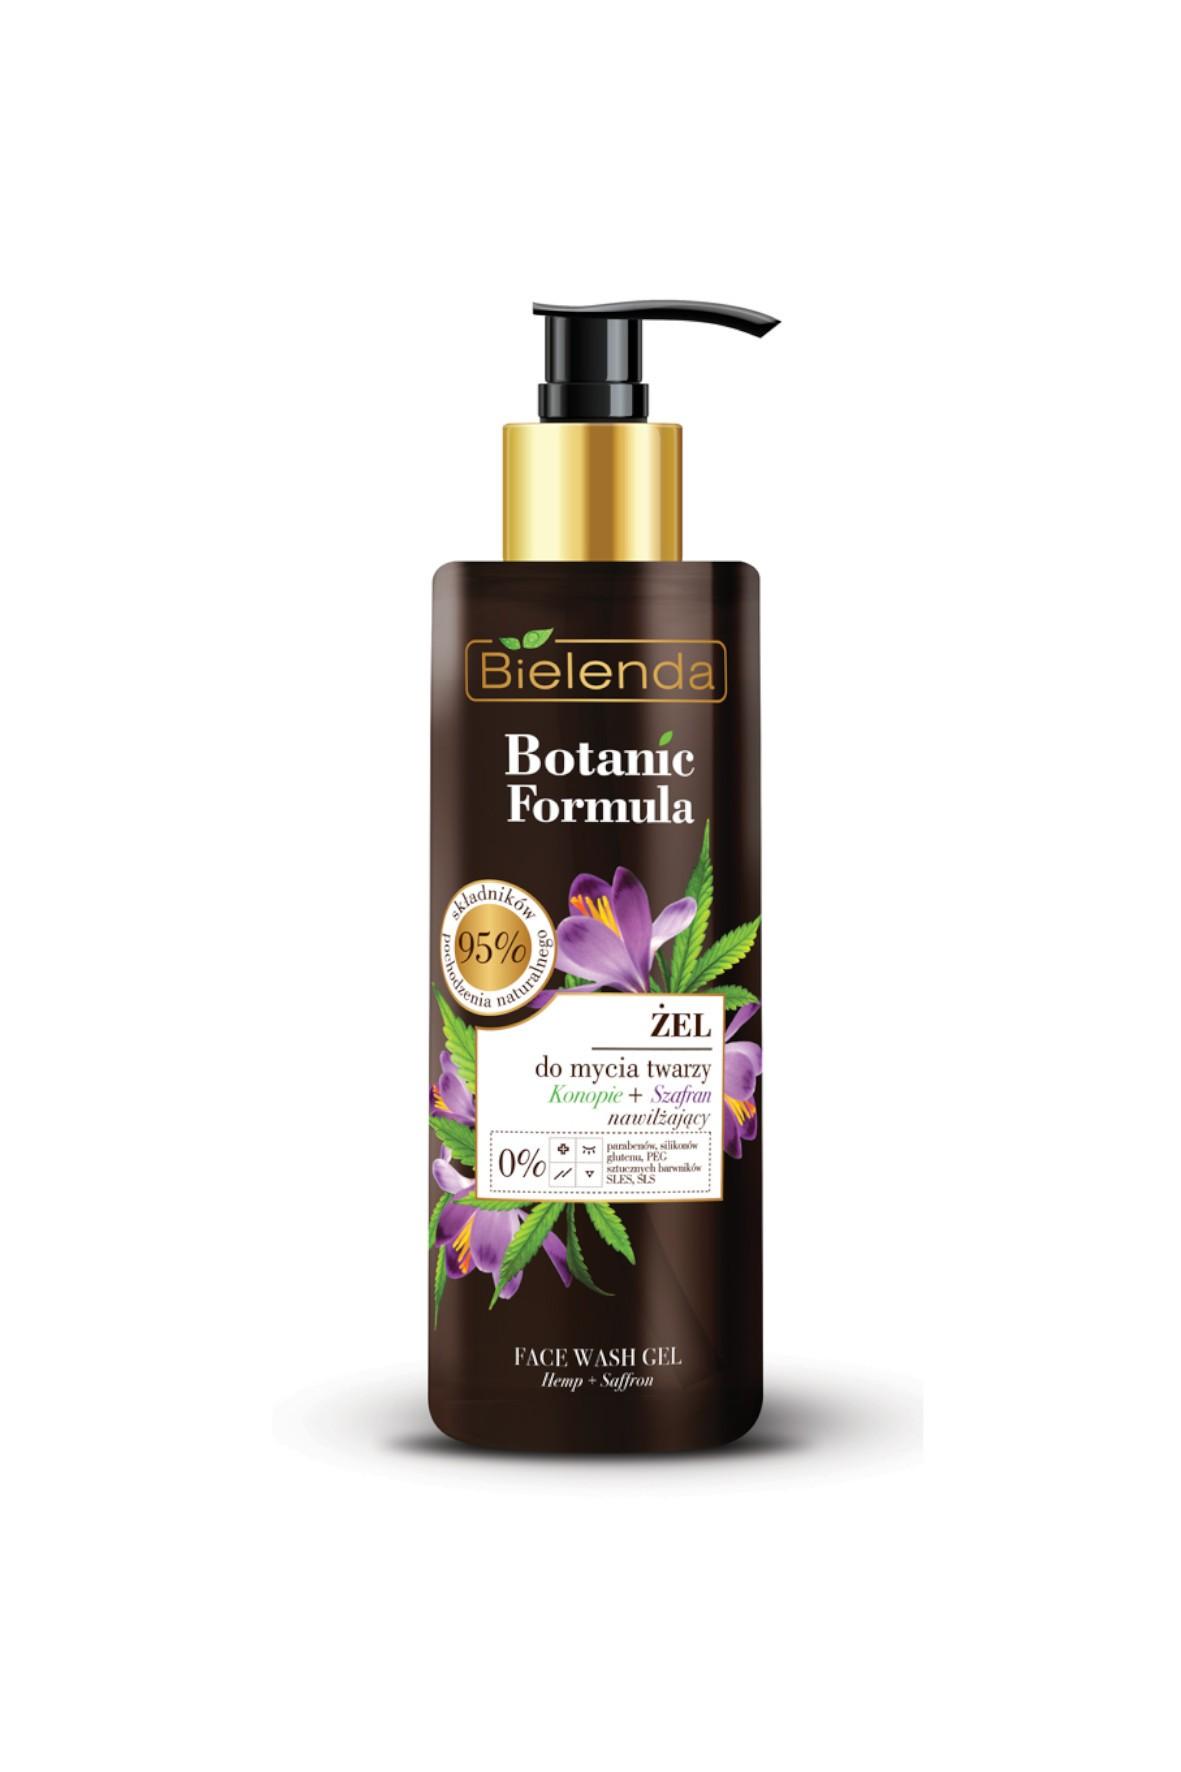 BOTANIC FORMULA Konopie + Szafran Żel do mycia twarzy  - 200 ml